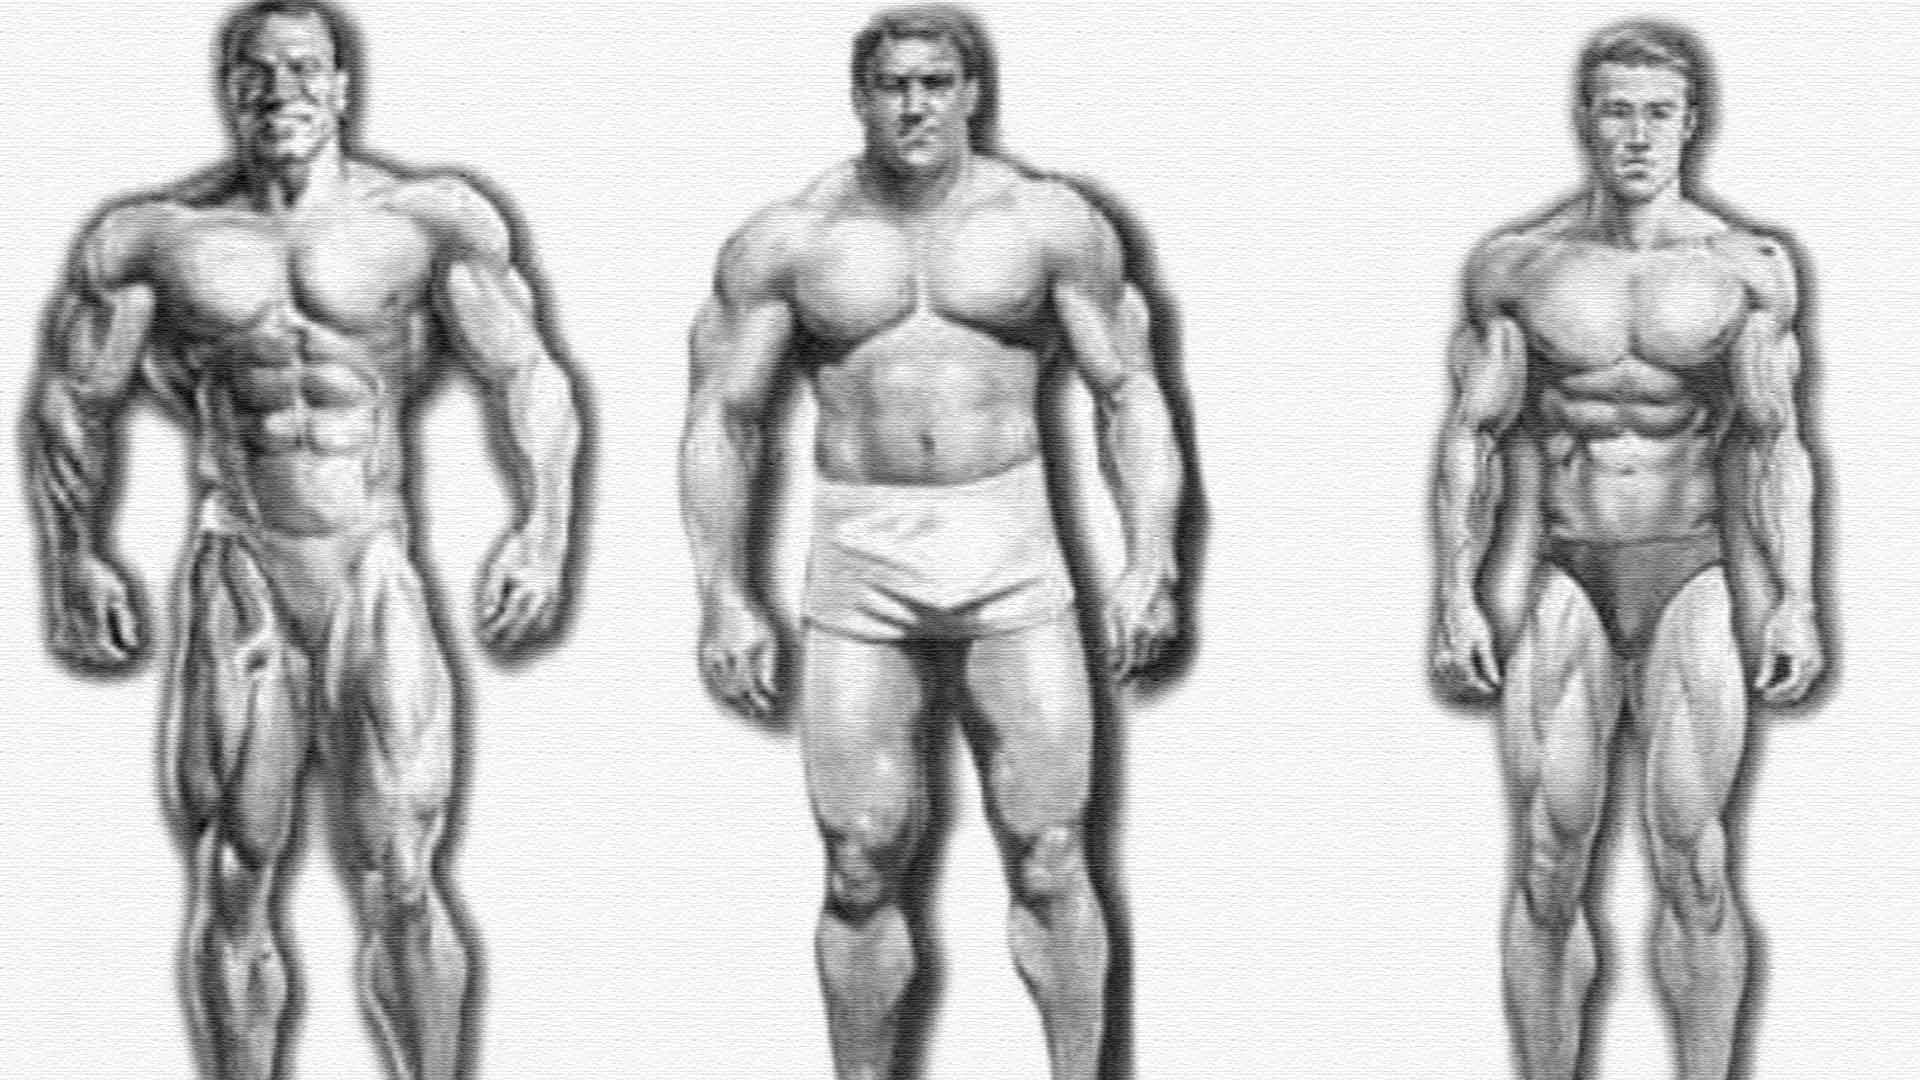 Взаимосвязь типа телосложения (астеник, пикник, атлетик) и психических свойств личности (шизотимик, циклотимик, искотимик) » neo-humanity.ru психология-онлайн